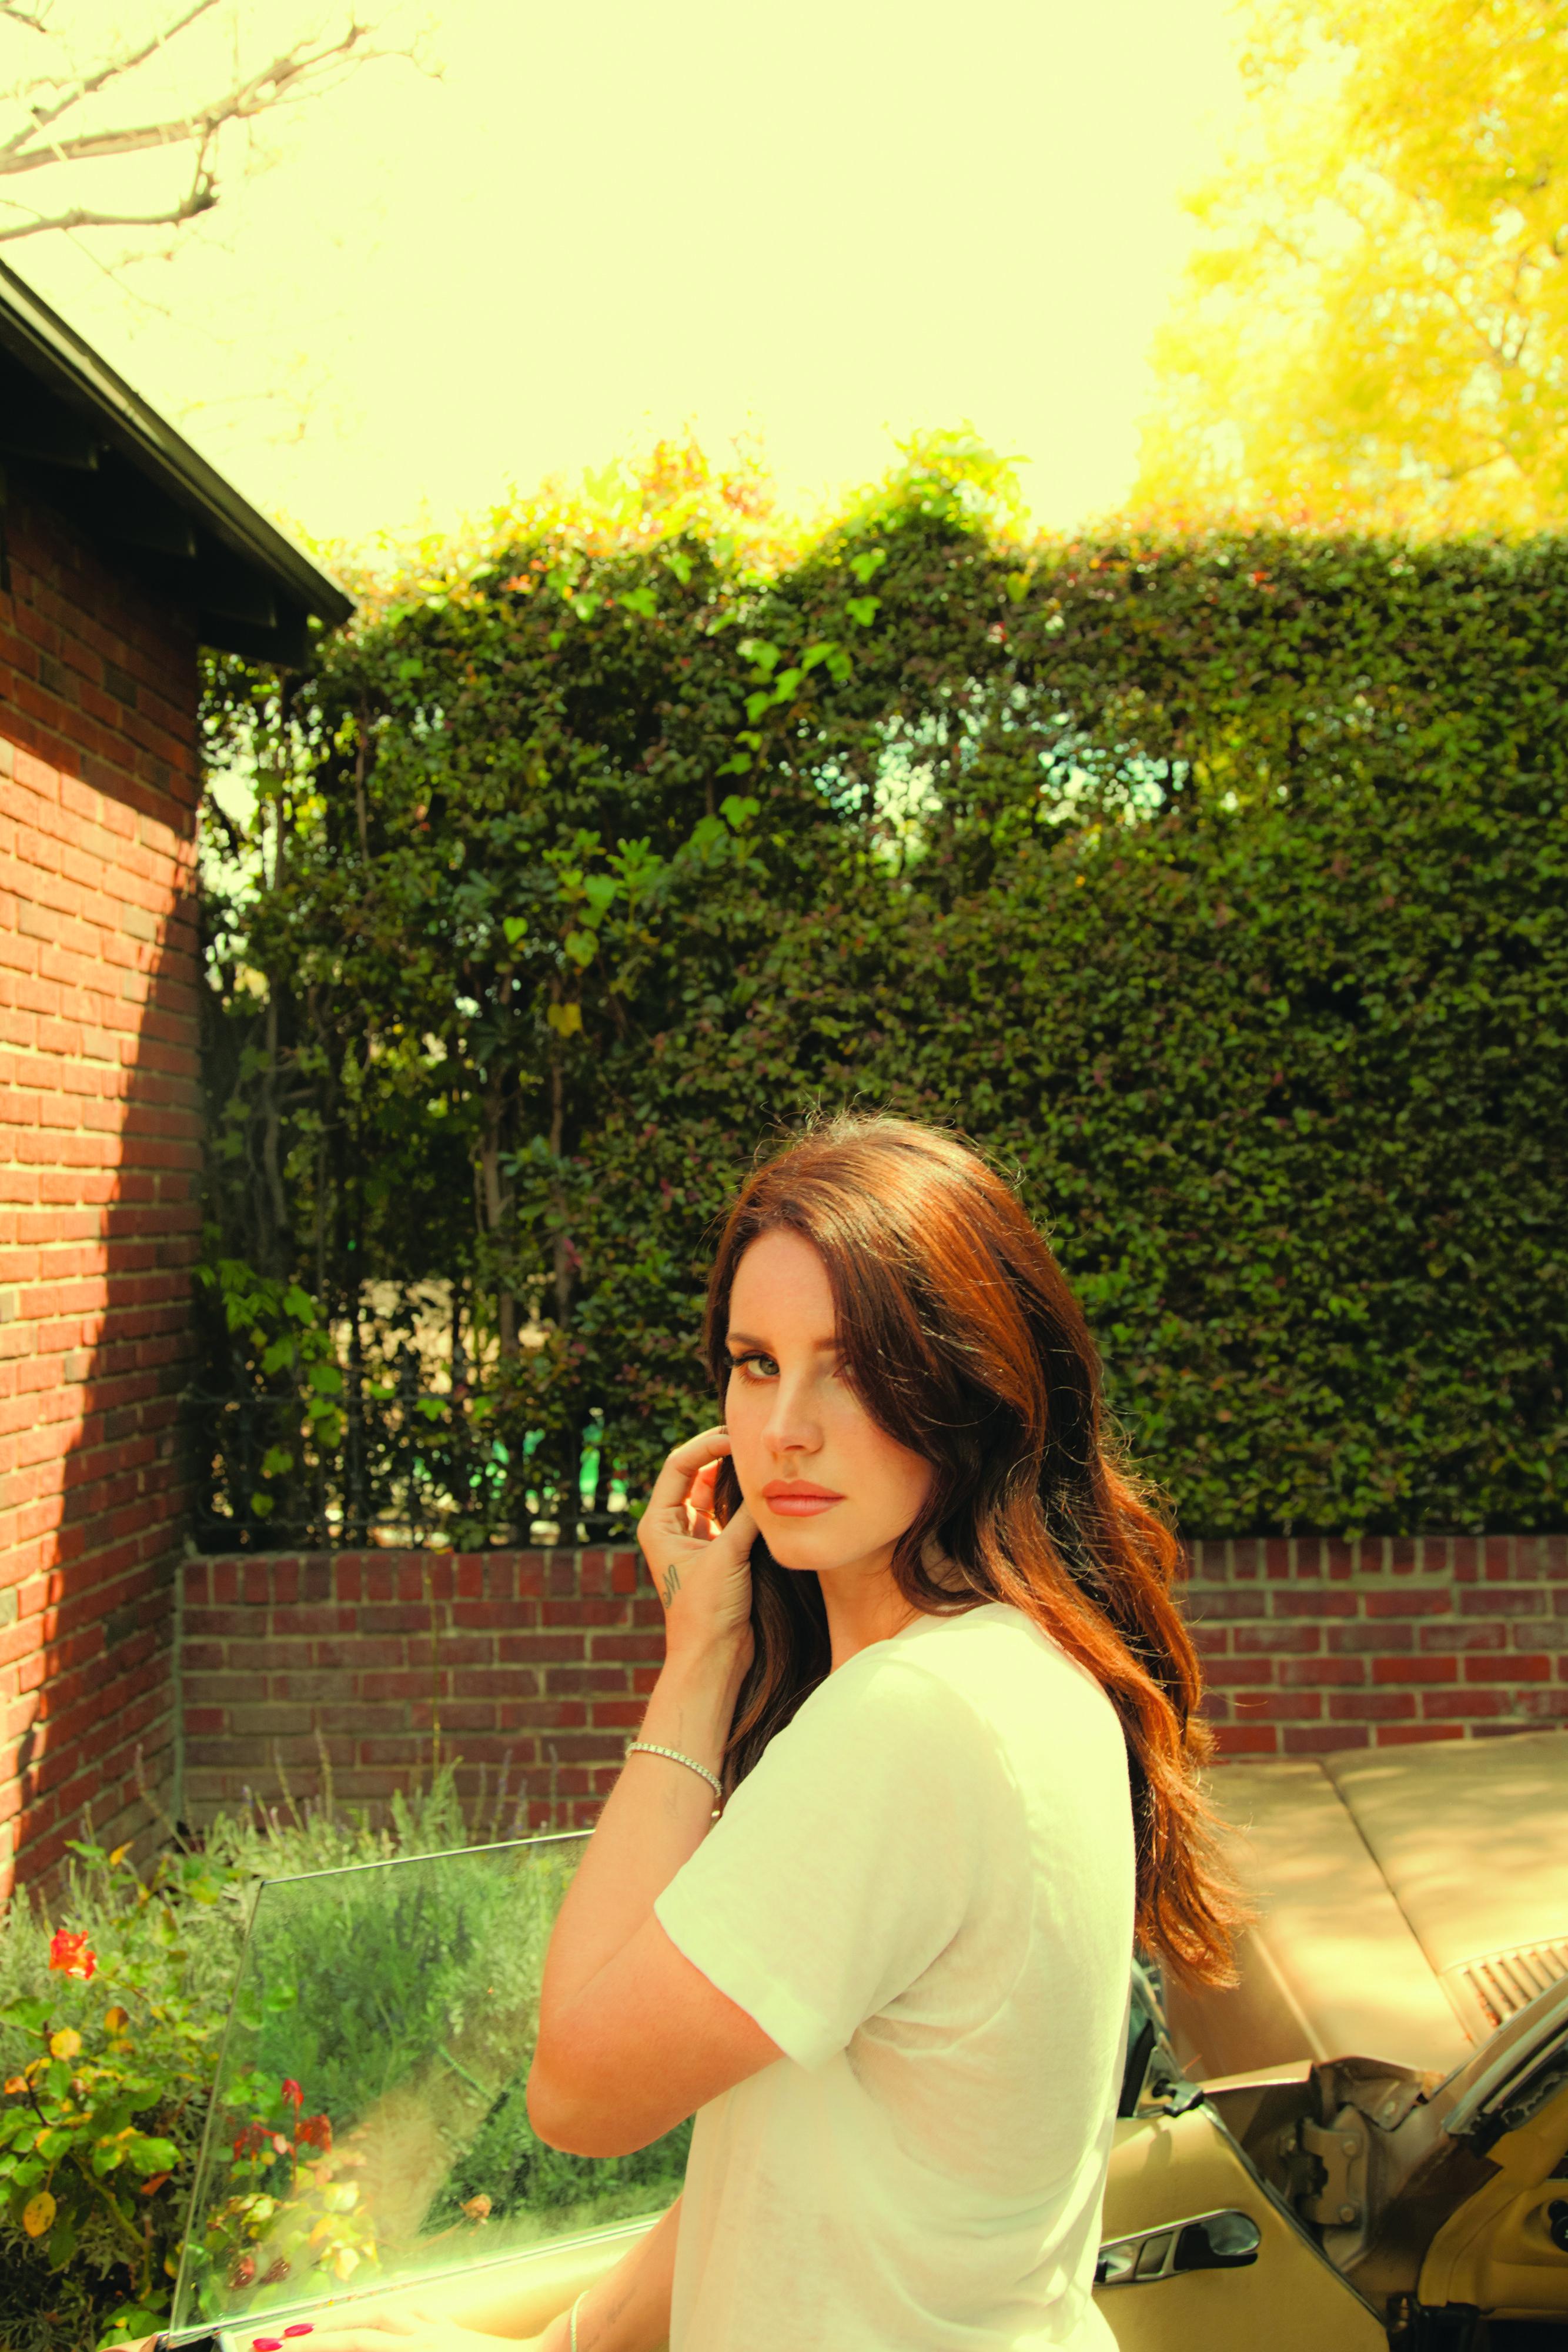 Gallery Lana Del Rey